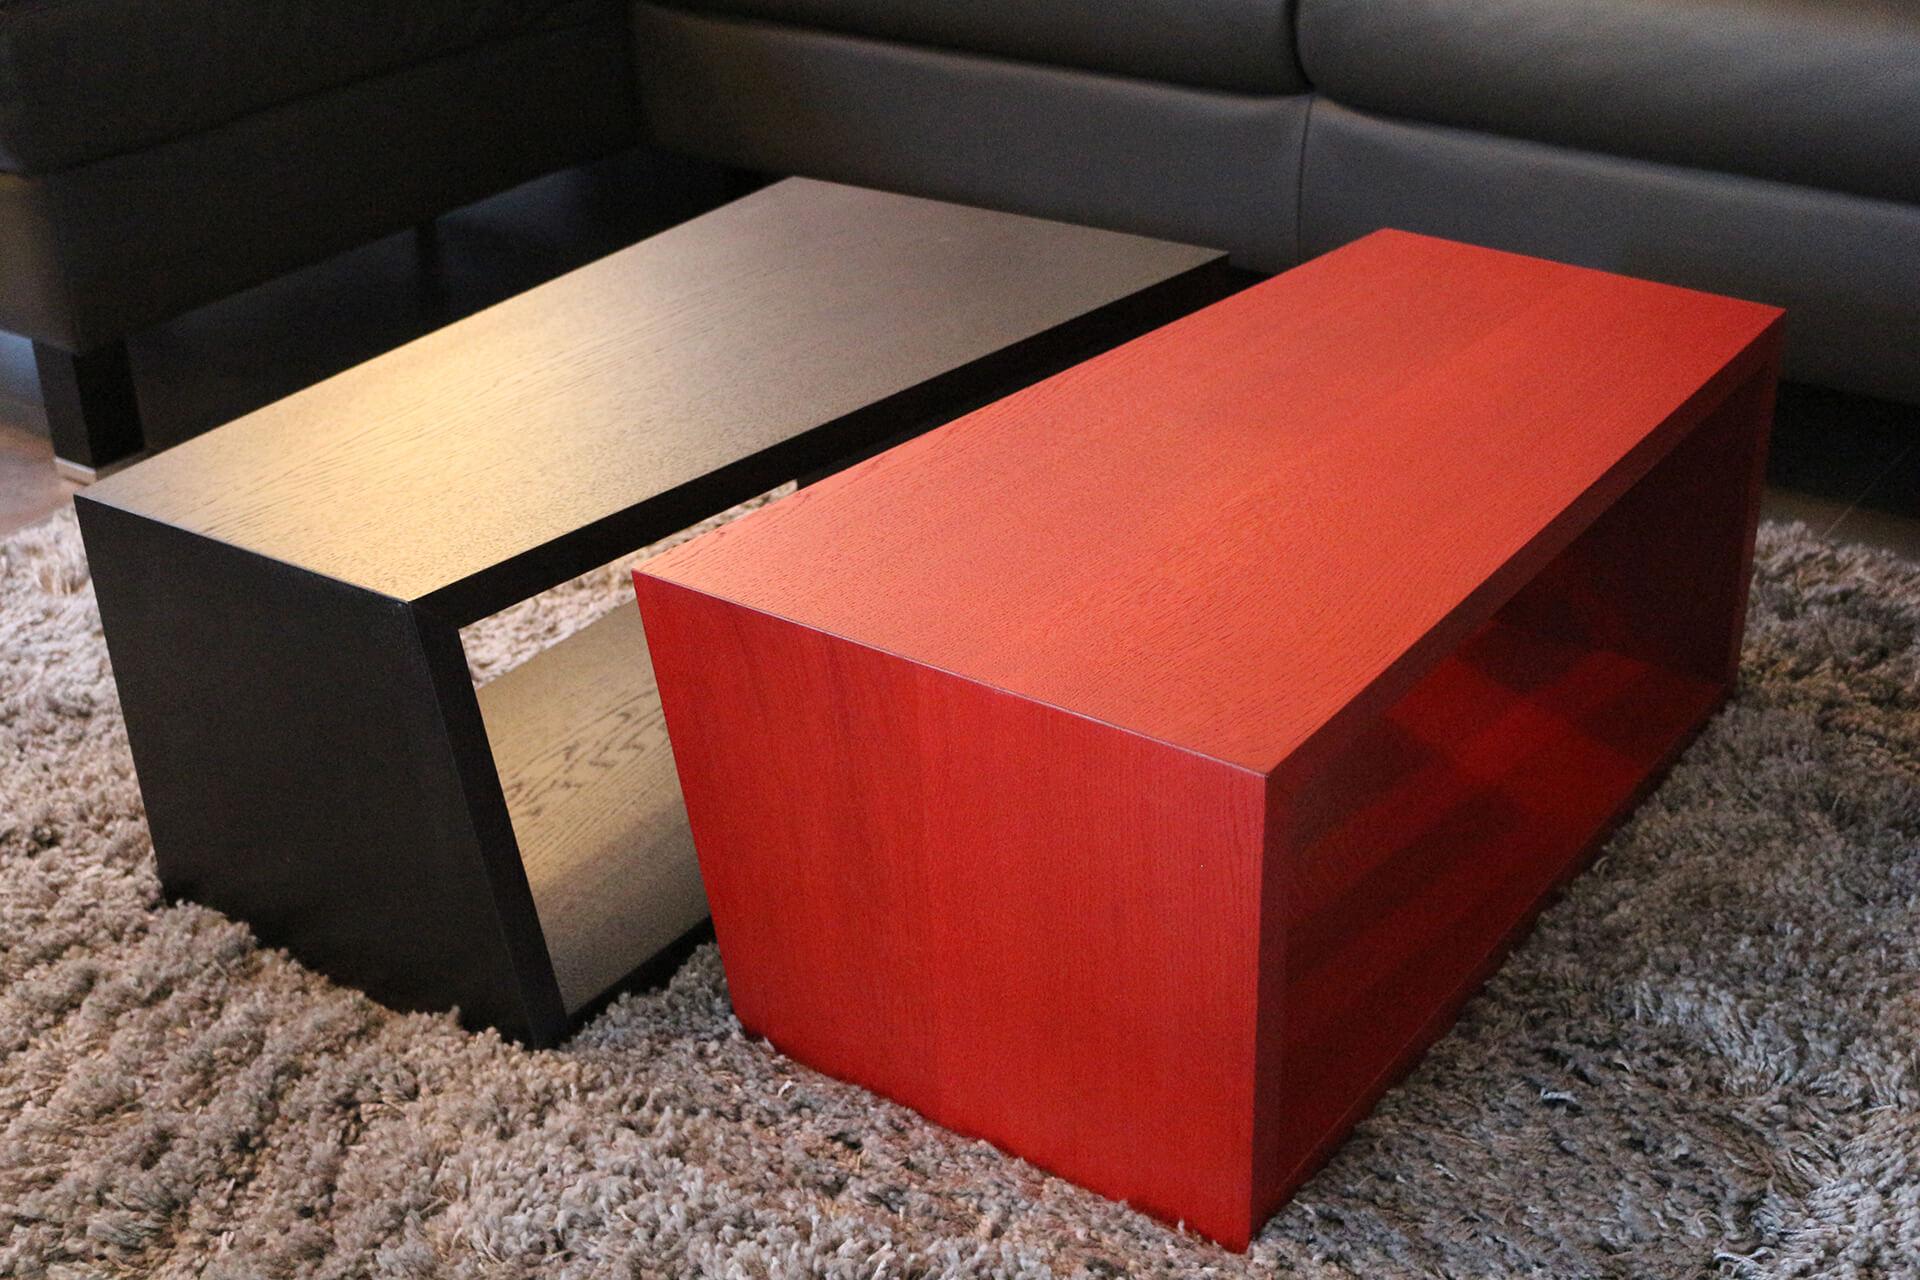 CUBI Tisch in Rot und Schwarz.